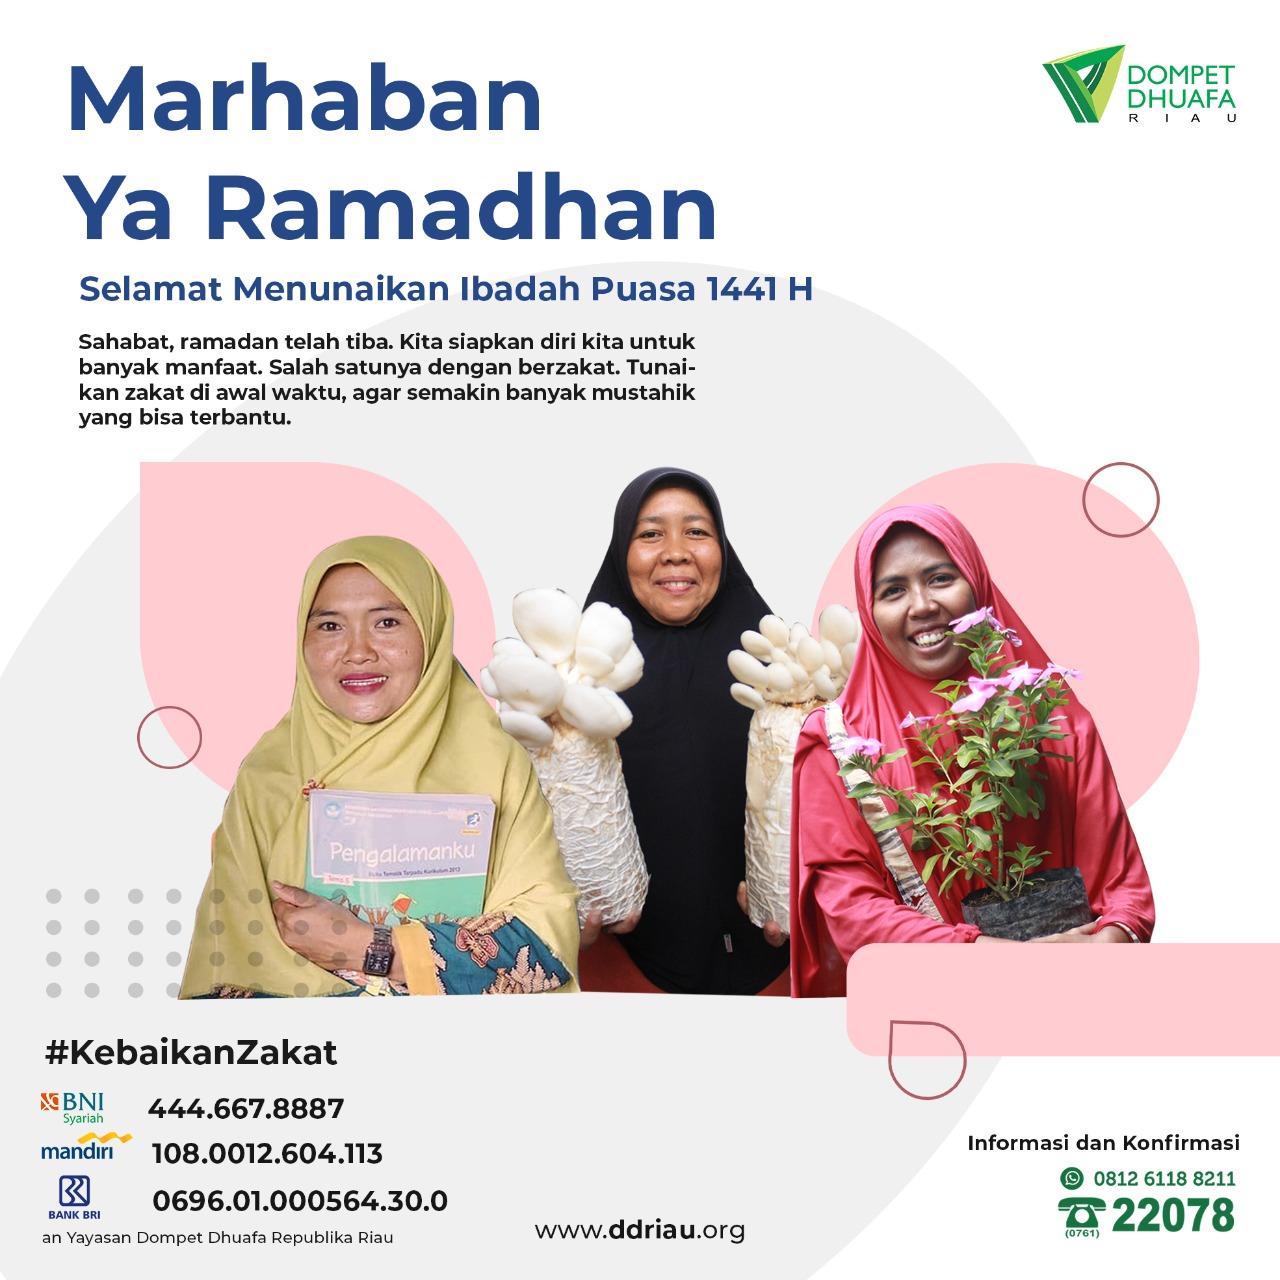 Iklan Ramadhan 1441H Dompet Dhuafa Riau